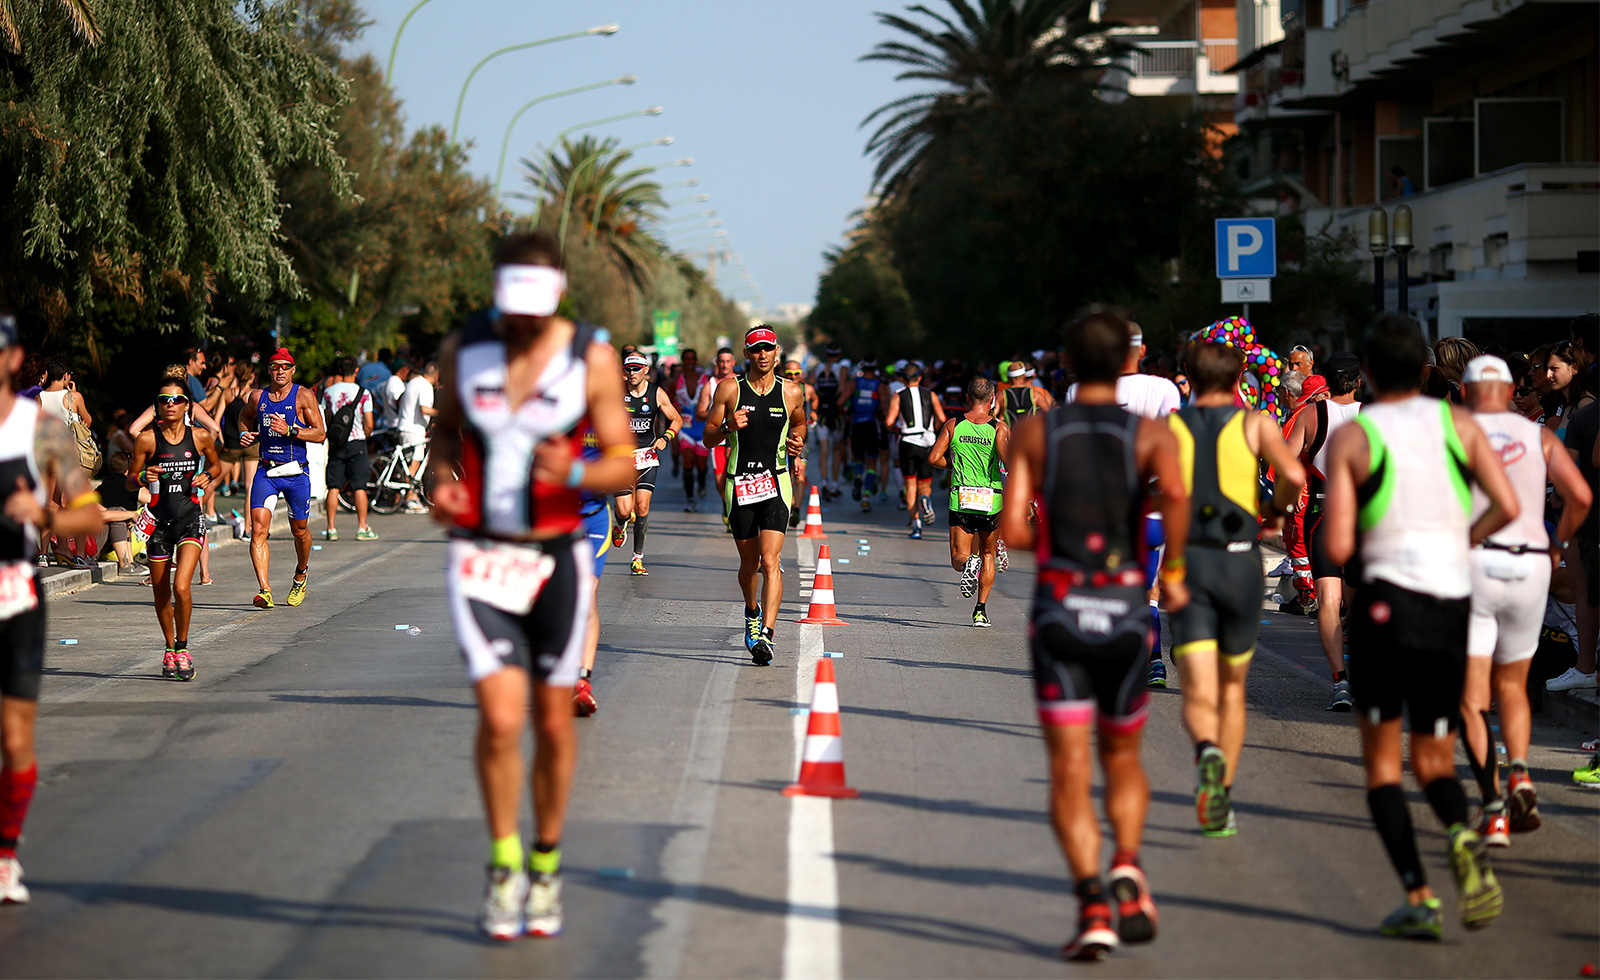 Pescara Camera Live : Ironman 70.3 italy a pescara ecco le novità per seguire gli atleti